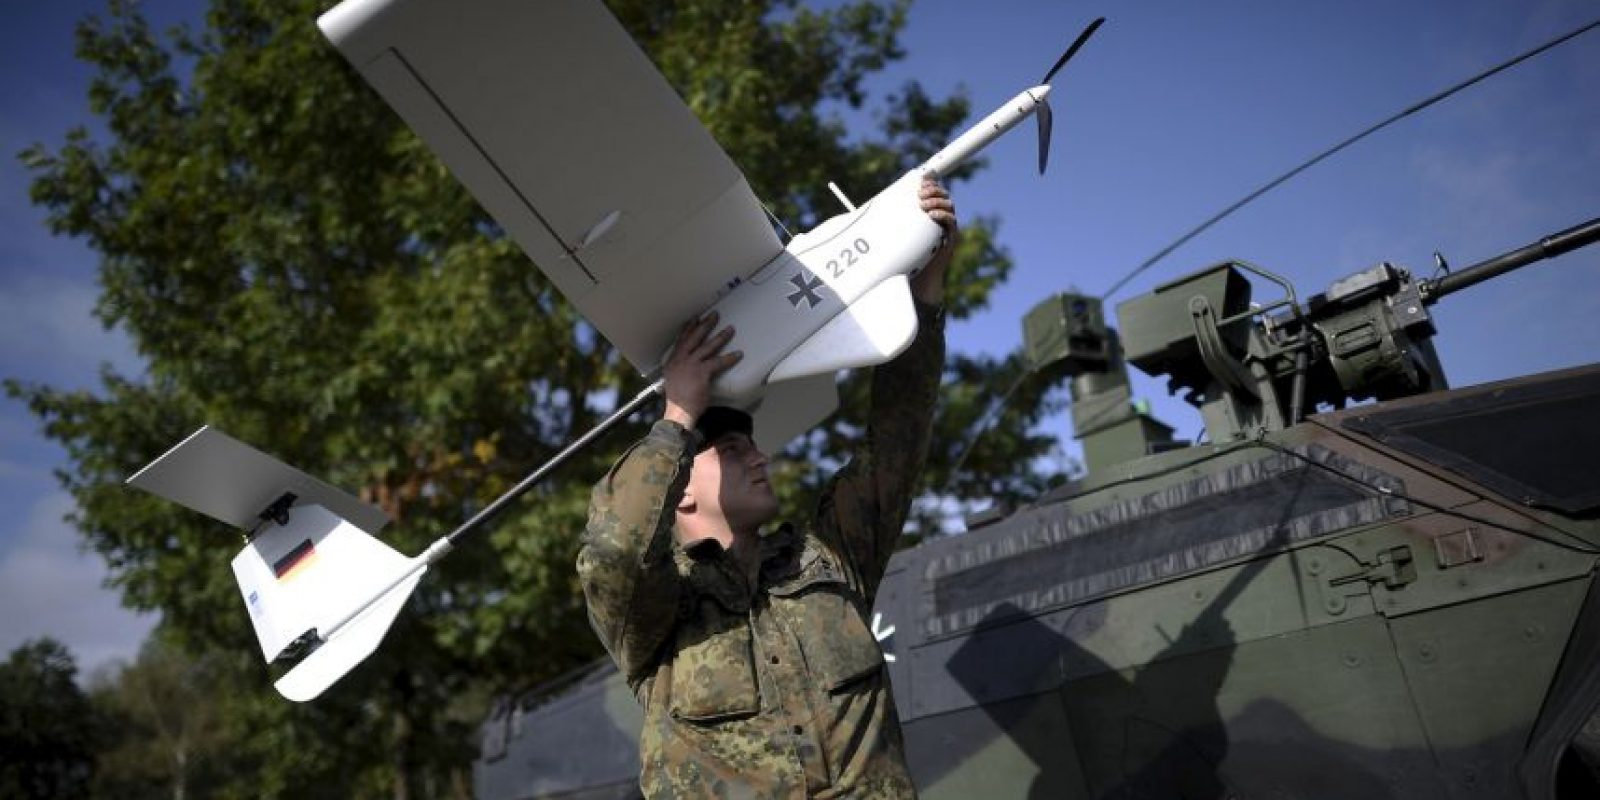 La República de Macedonia prohibió la utilización de drones a 500 metros de edificios gubernamentales, lugares públicos y durante manifestaciones, destacó el portal Global Voices. Foto:Getty